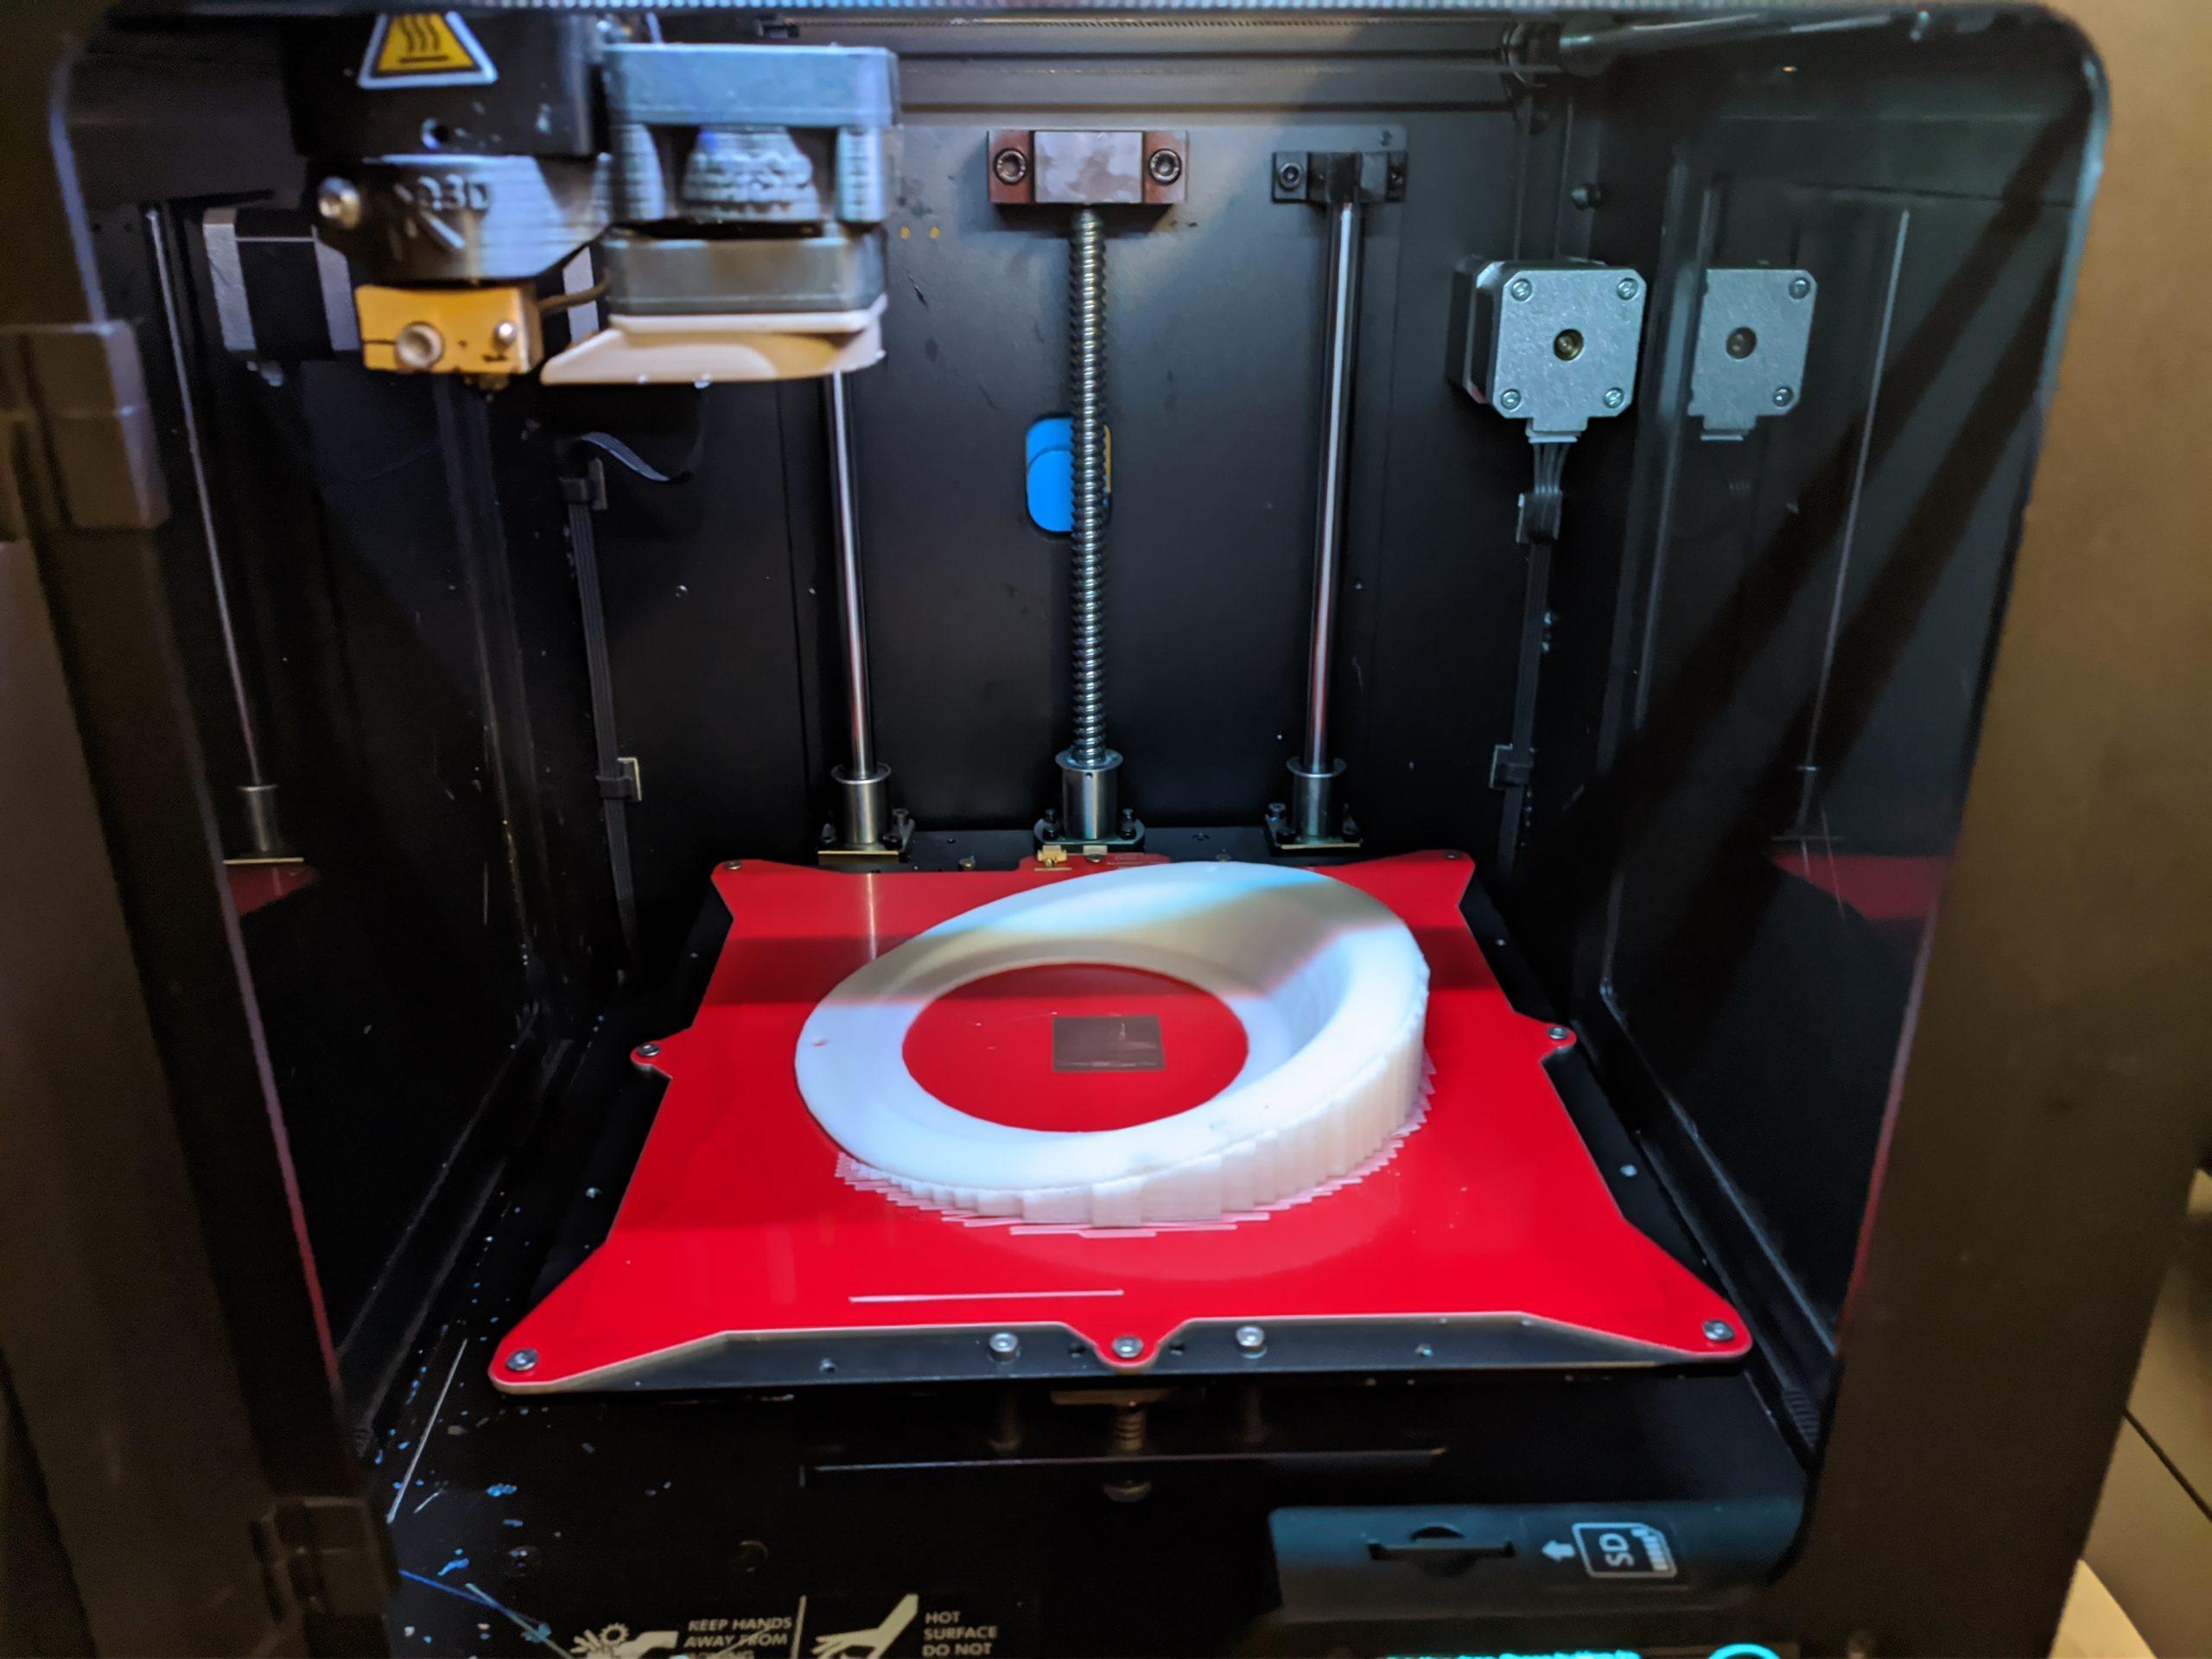 Zortrax Stampa 3D Professionale ABS Trenitalia - KreaItaly, Stampa 3d - Stampanti 3d Marche - Stampanti 3D prezzi - Aziende stampa 3d